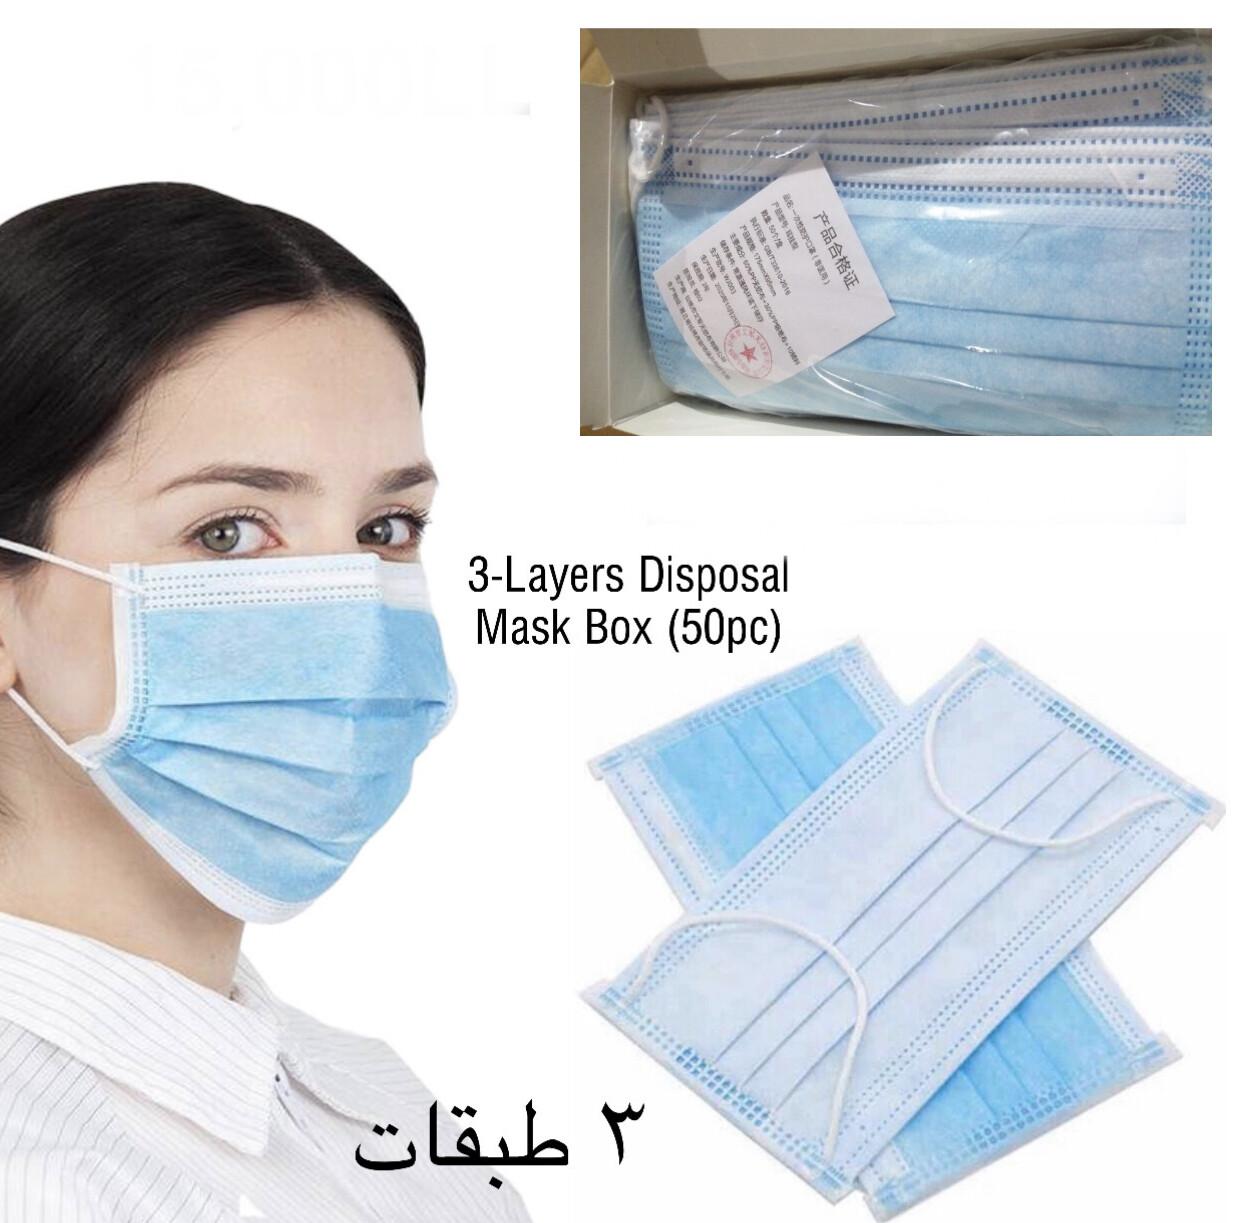 Masks Box (50pc)